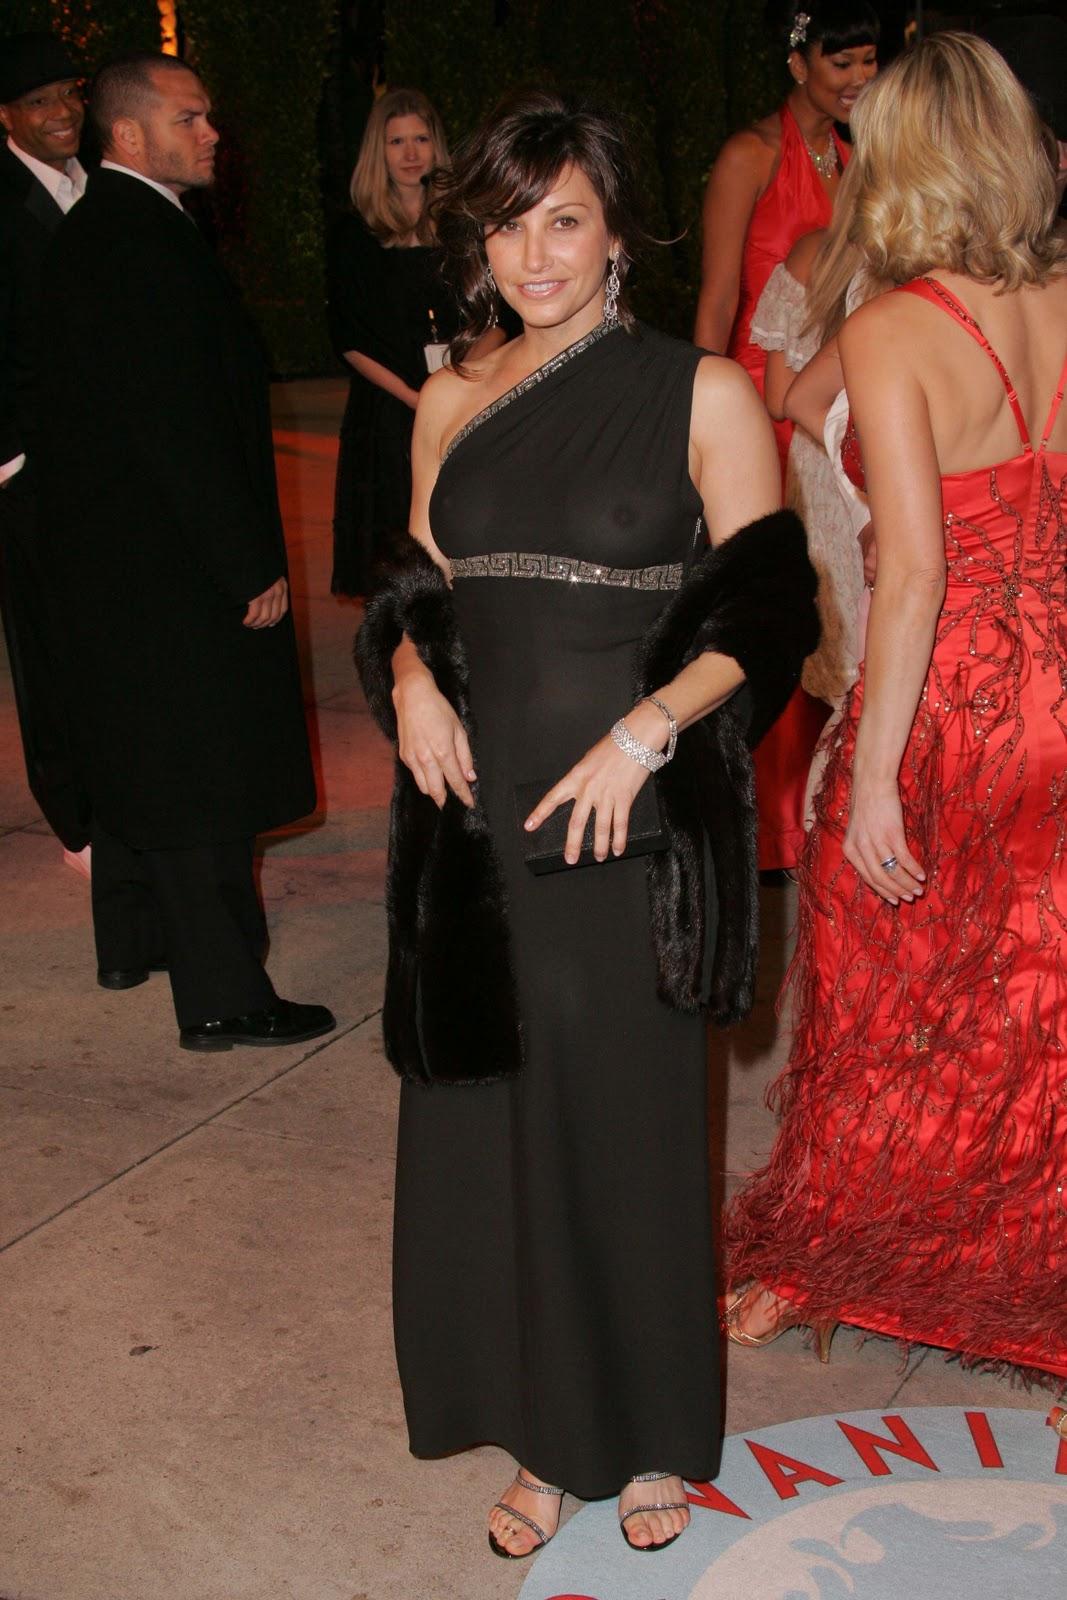 http://1.bp.blogspot.com/_qSvnsf2HMCc/TUAQfd_0VNI/AAAAAAAAC5c/zZaVVp6KjQc/s1600/Gina_Gershon__Kosty555.info_003.jpg